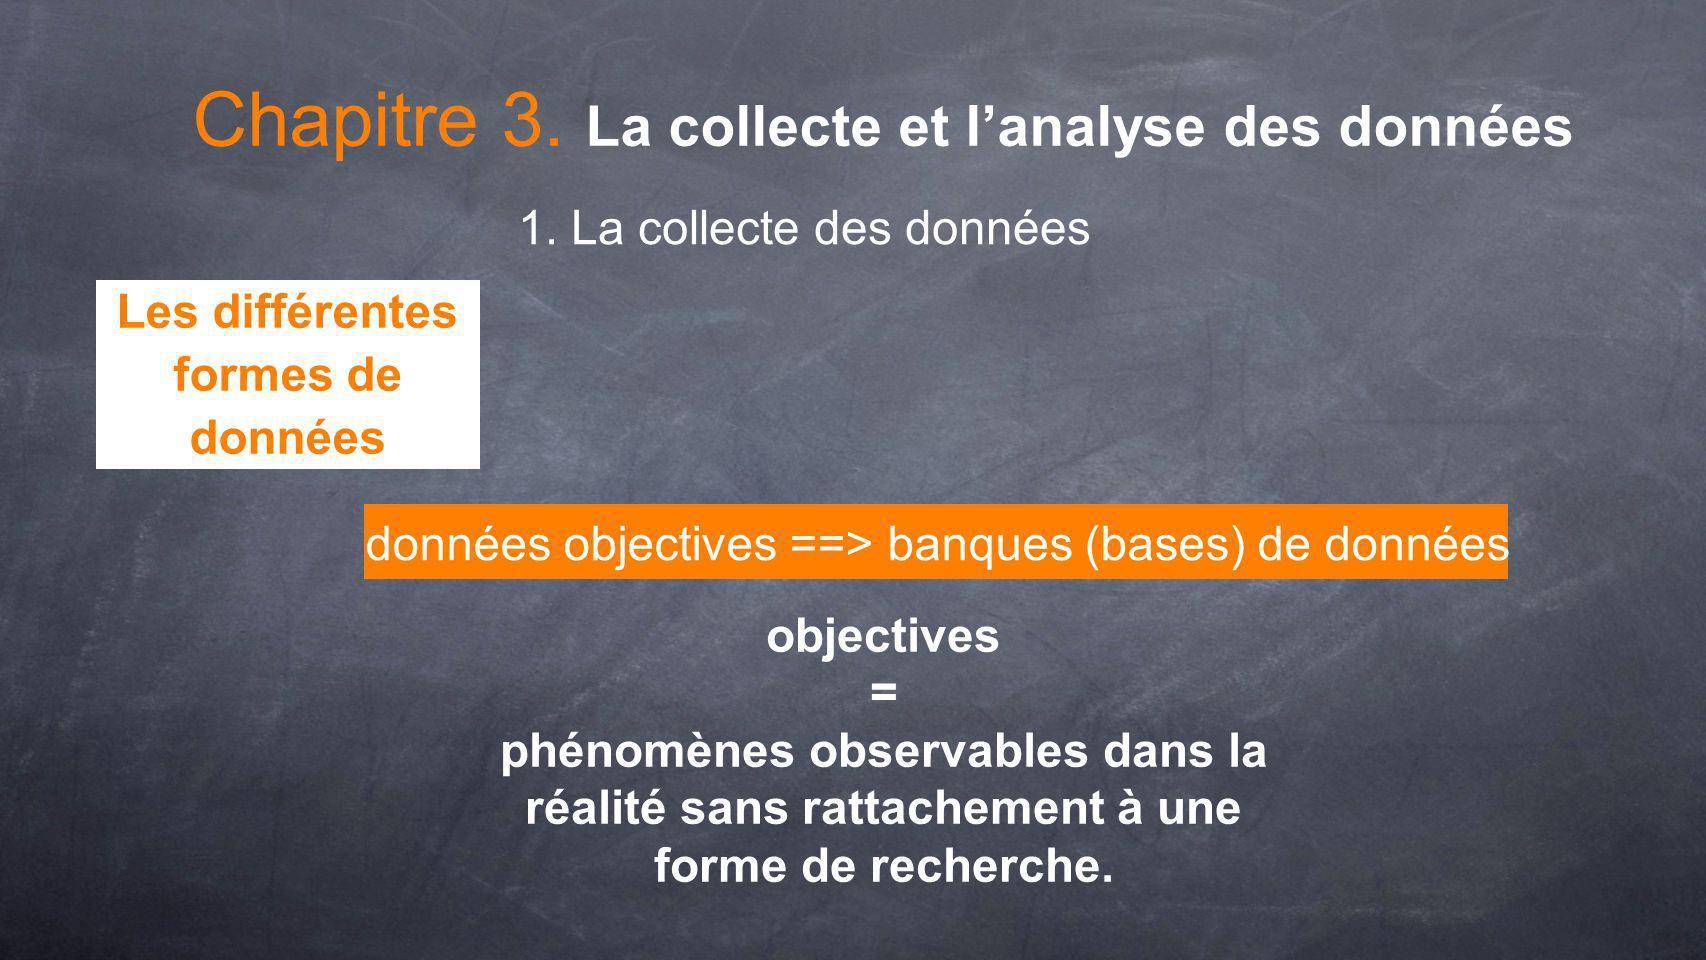 données objectives ==> banques (bases) de données objectives = phénomènes observables dans la réalité sans rattachement à une forme de recherche. Chap